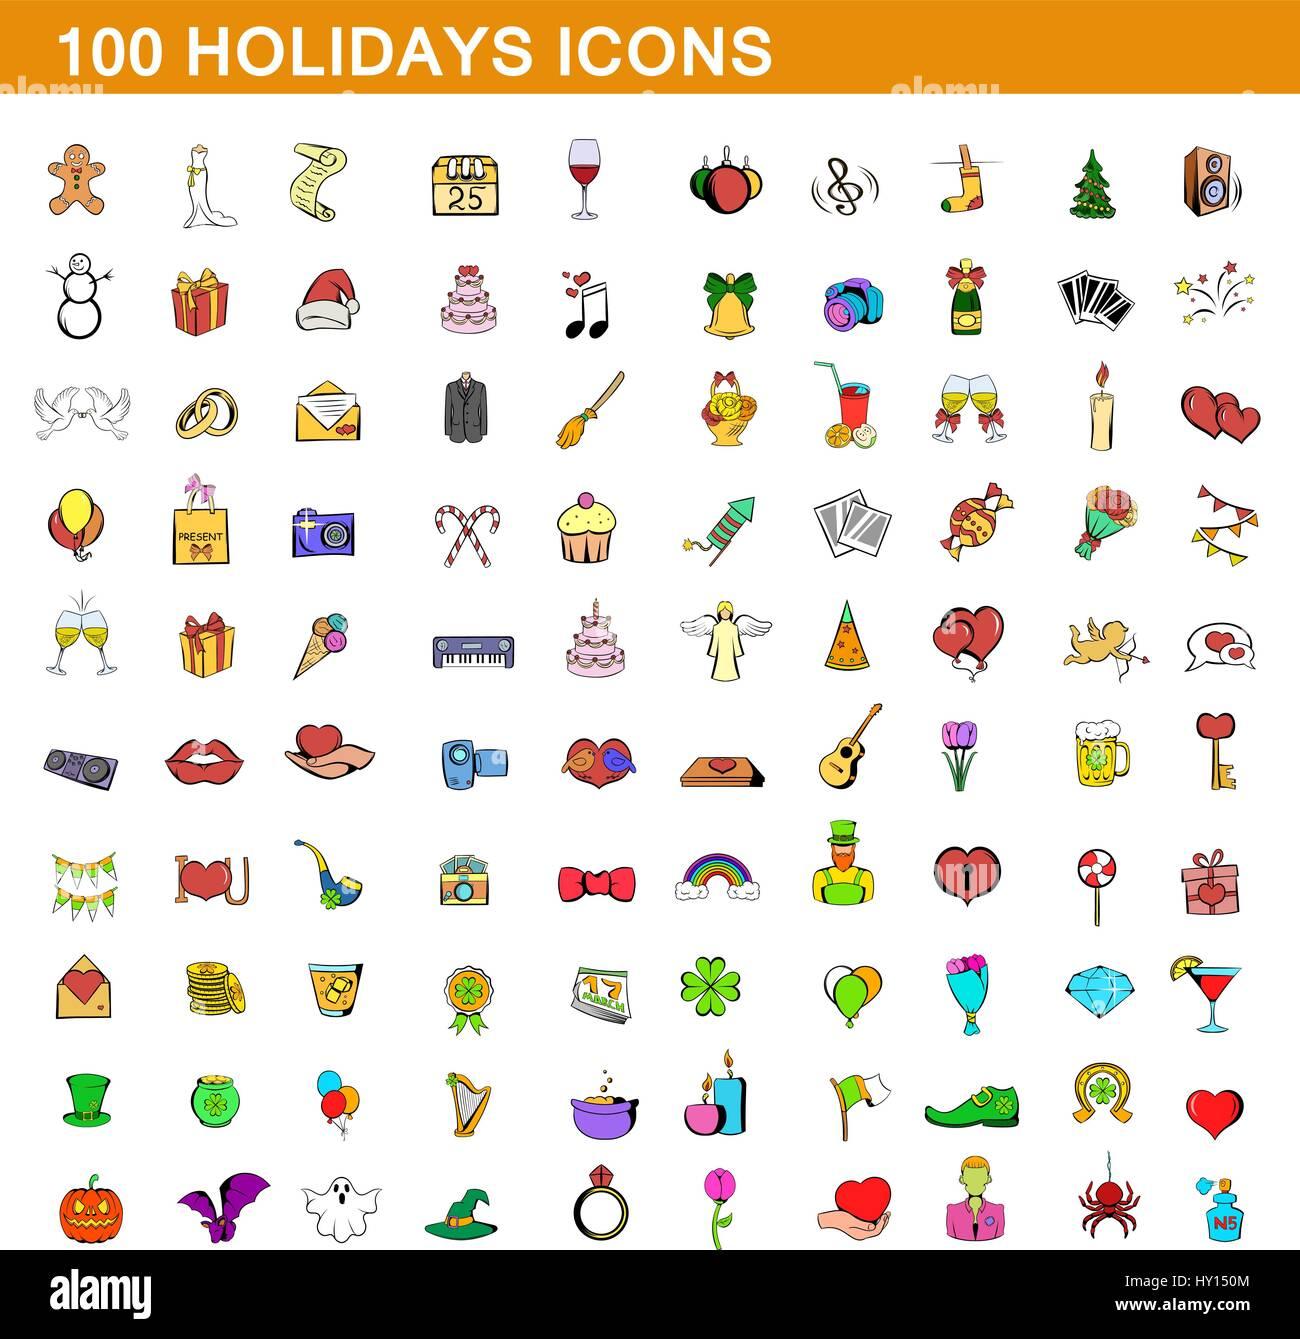 100 iconos de vacaciones, estilo de dibujos animados Imagen De Stock